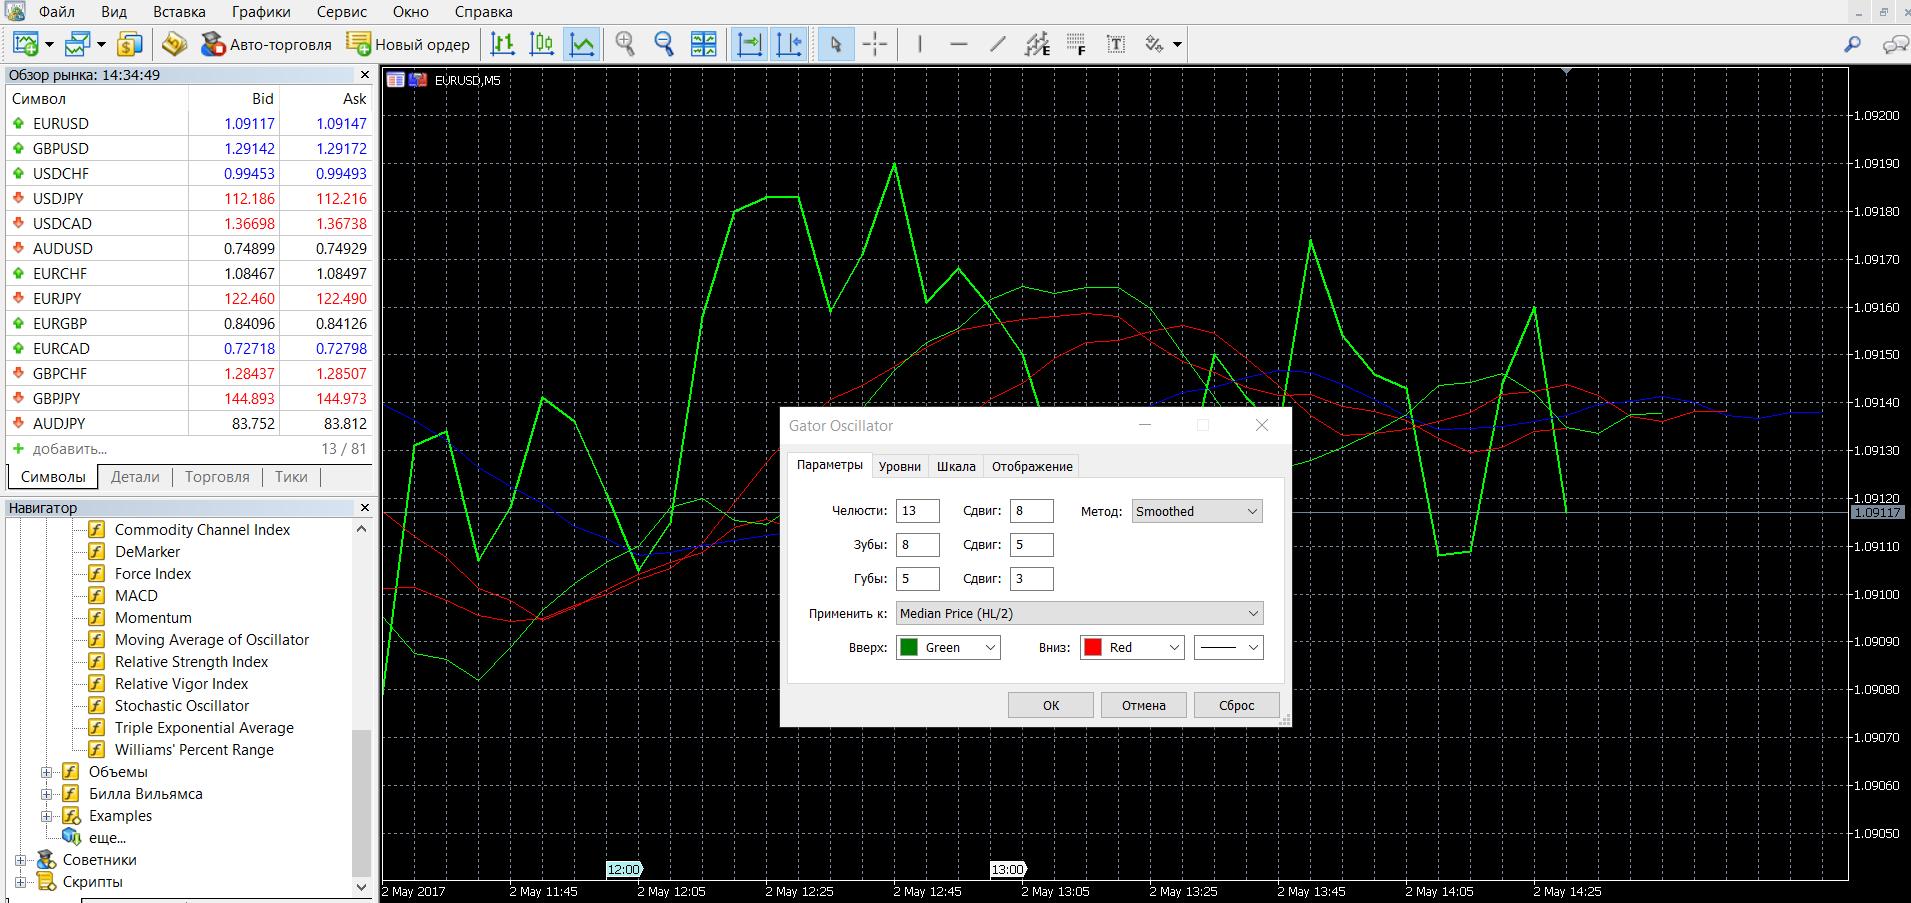 Индикатор бинарных опционов Gator Oscillator